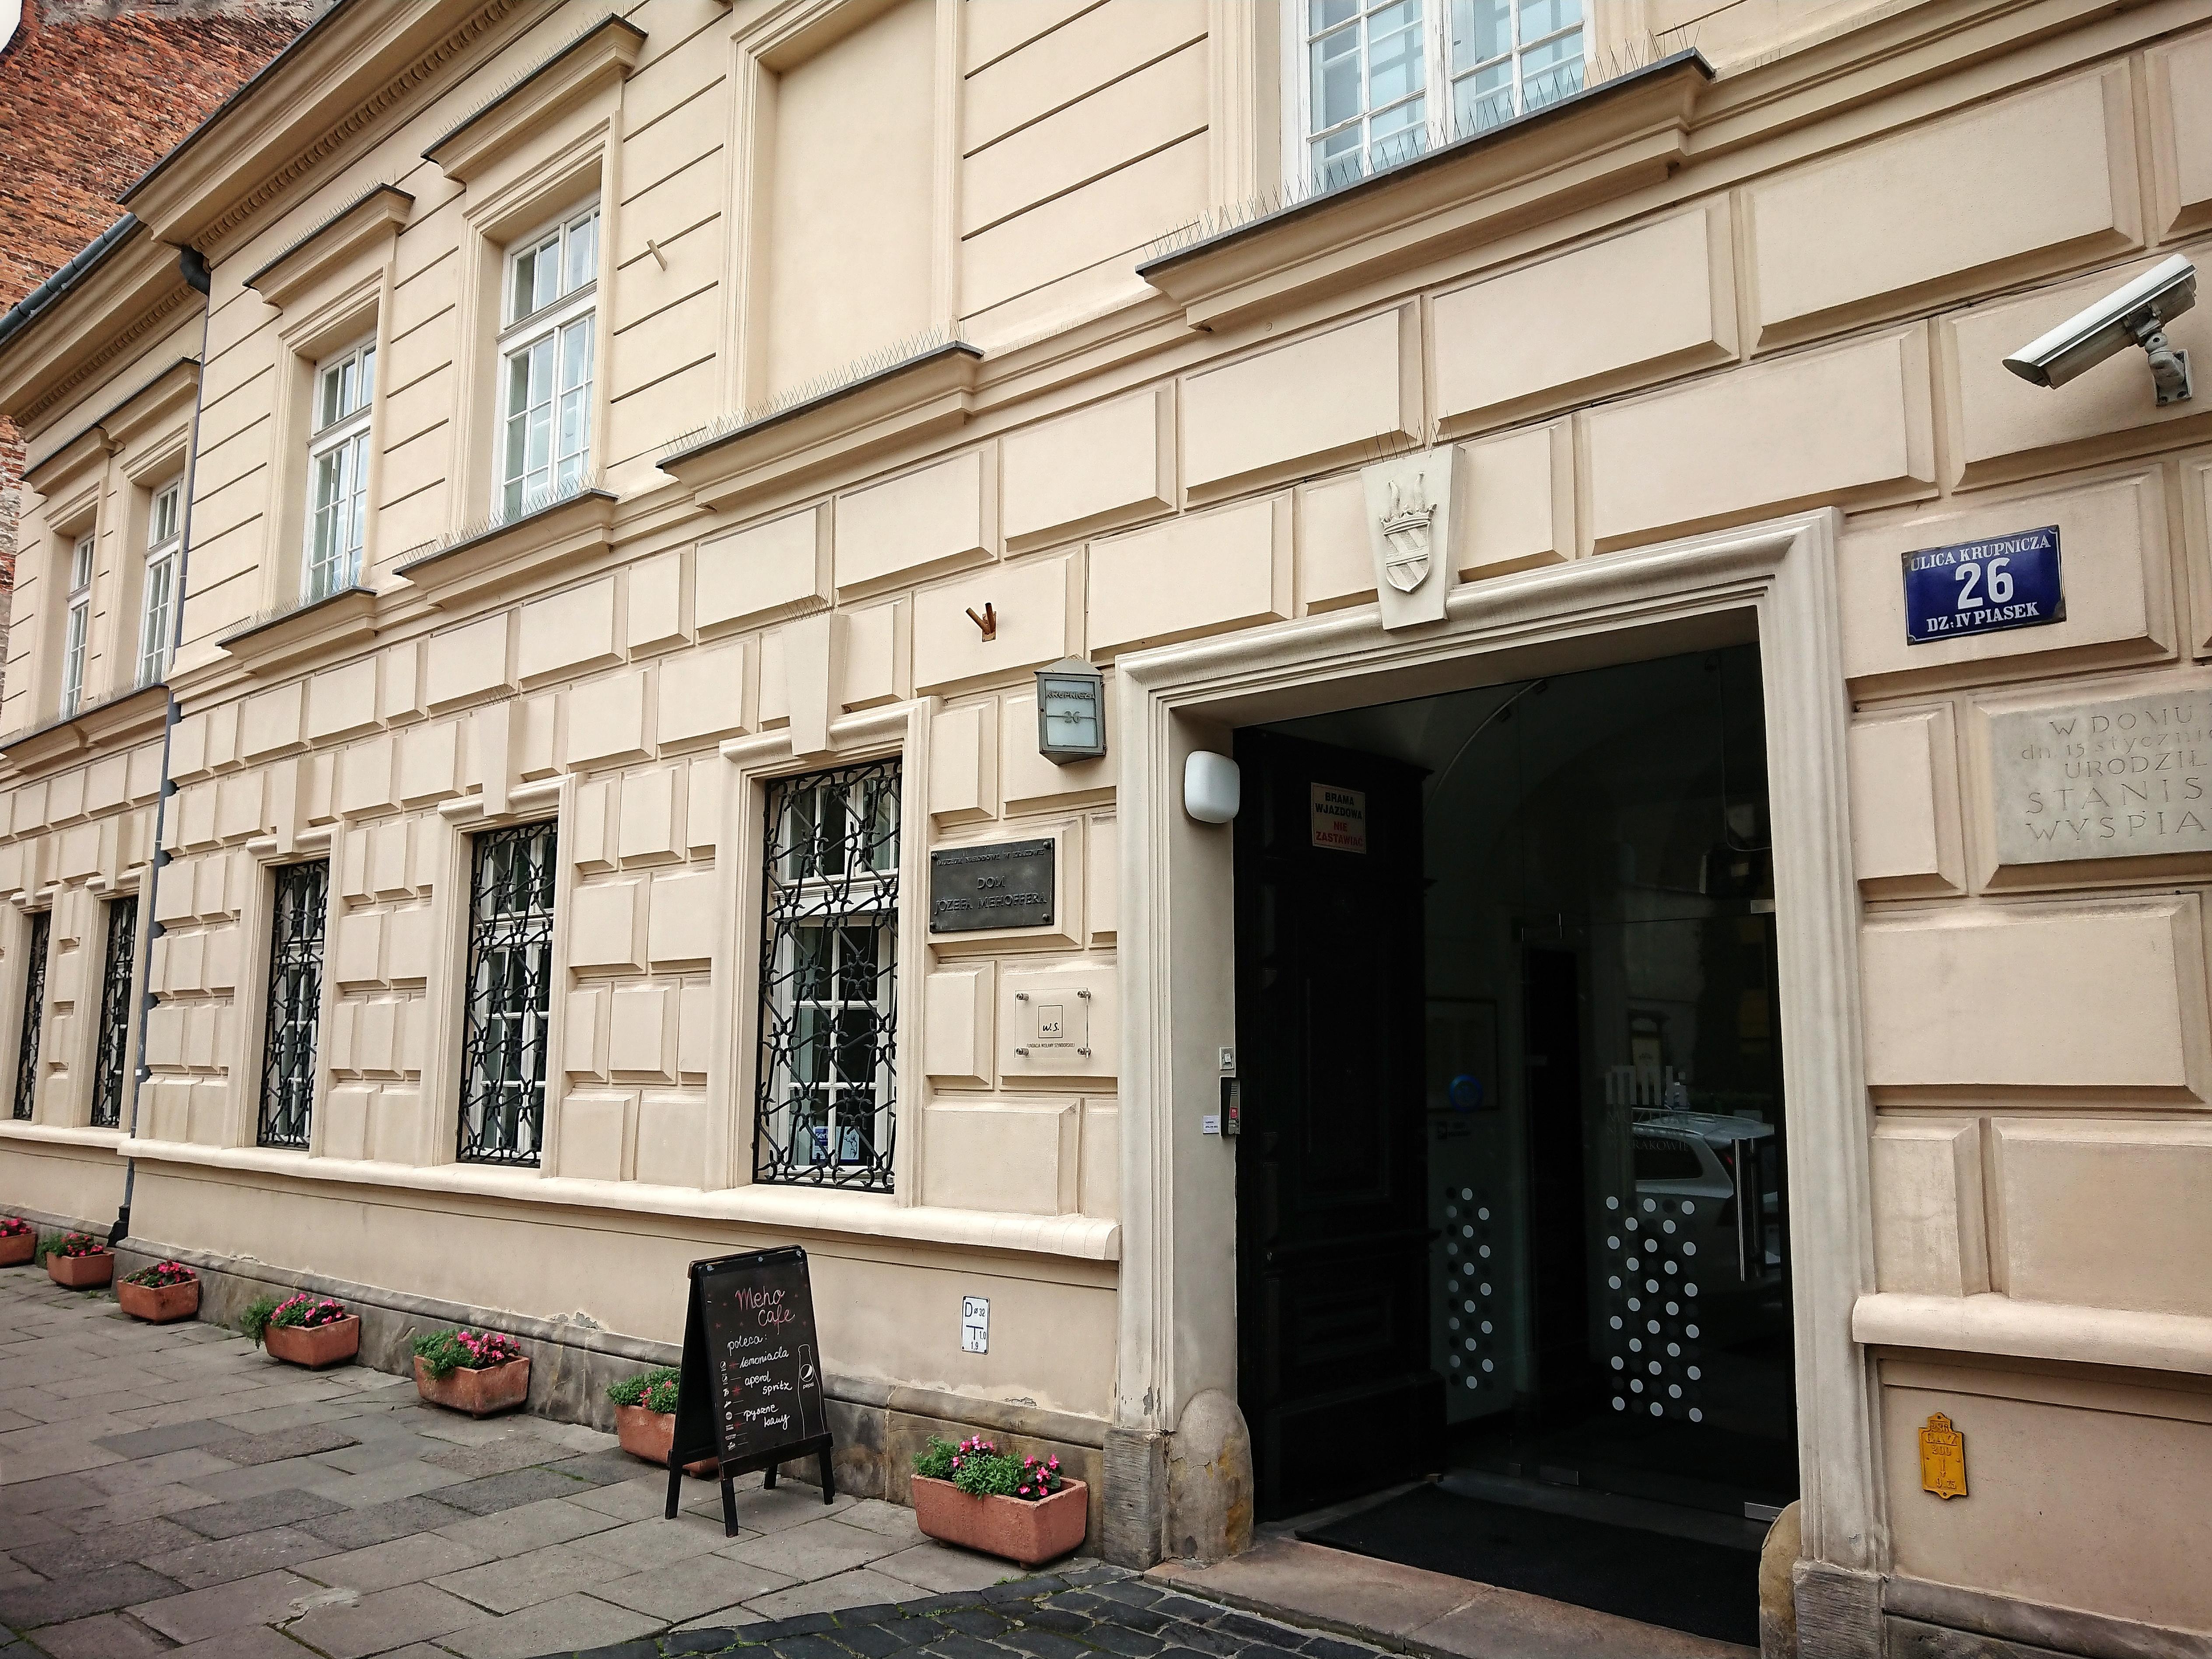 Aktualny wygląd fasady domu przy ulicy Krupniczej 26, źródło: archiwum autorki